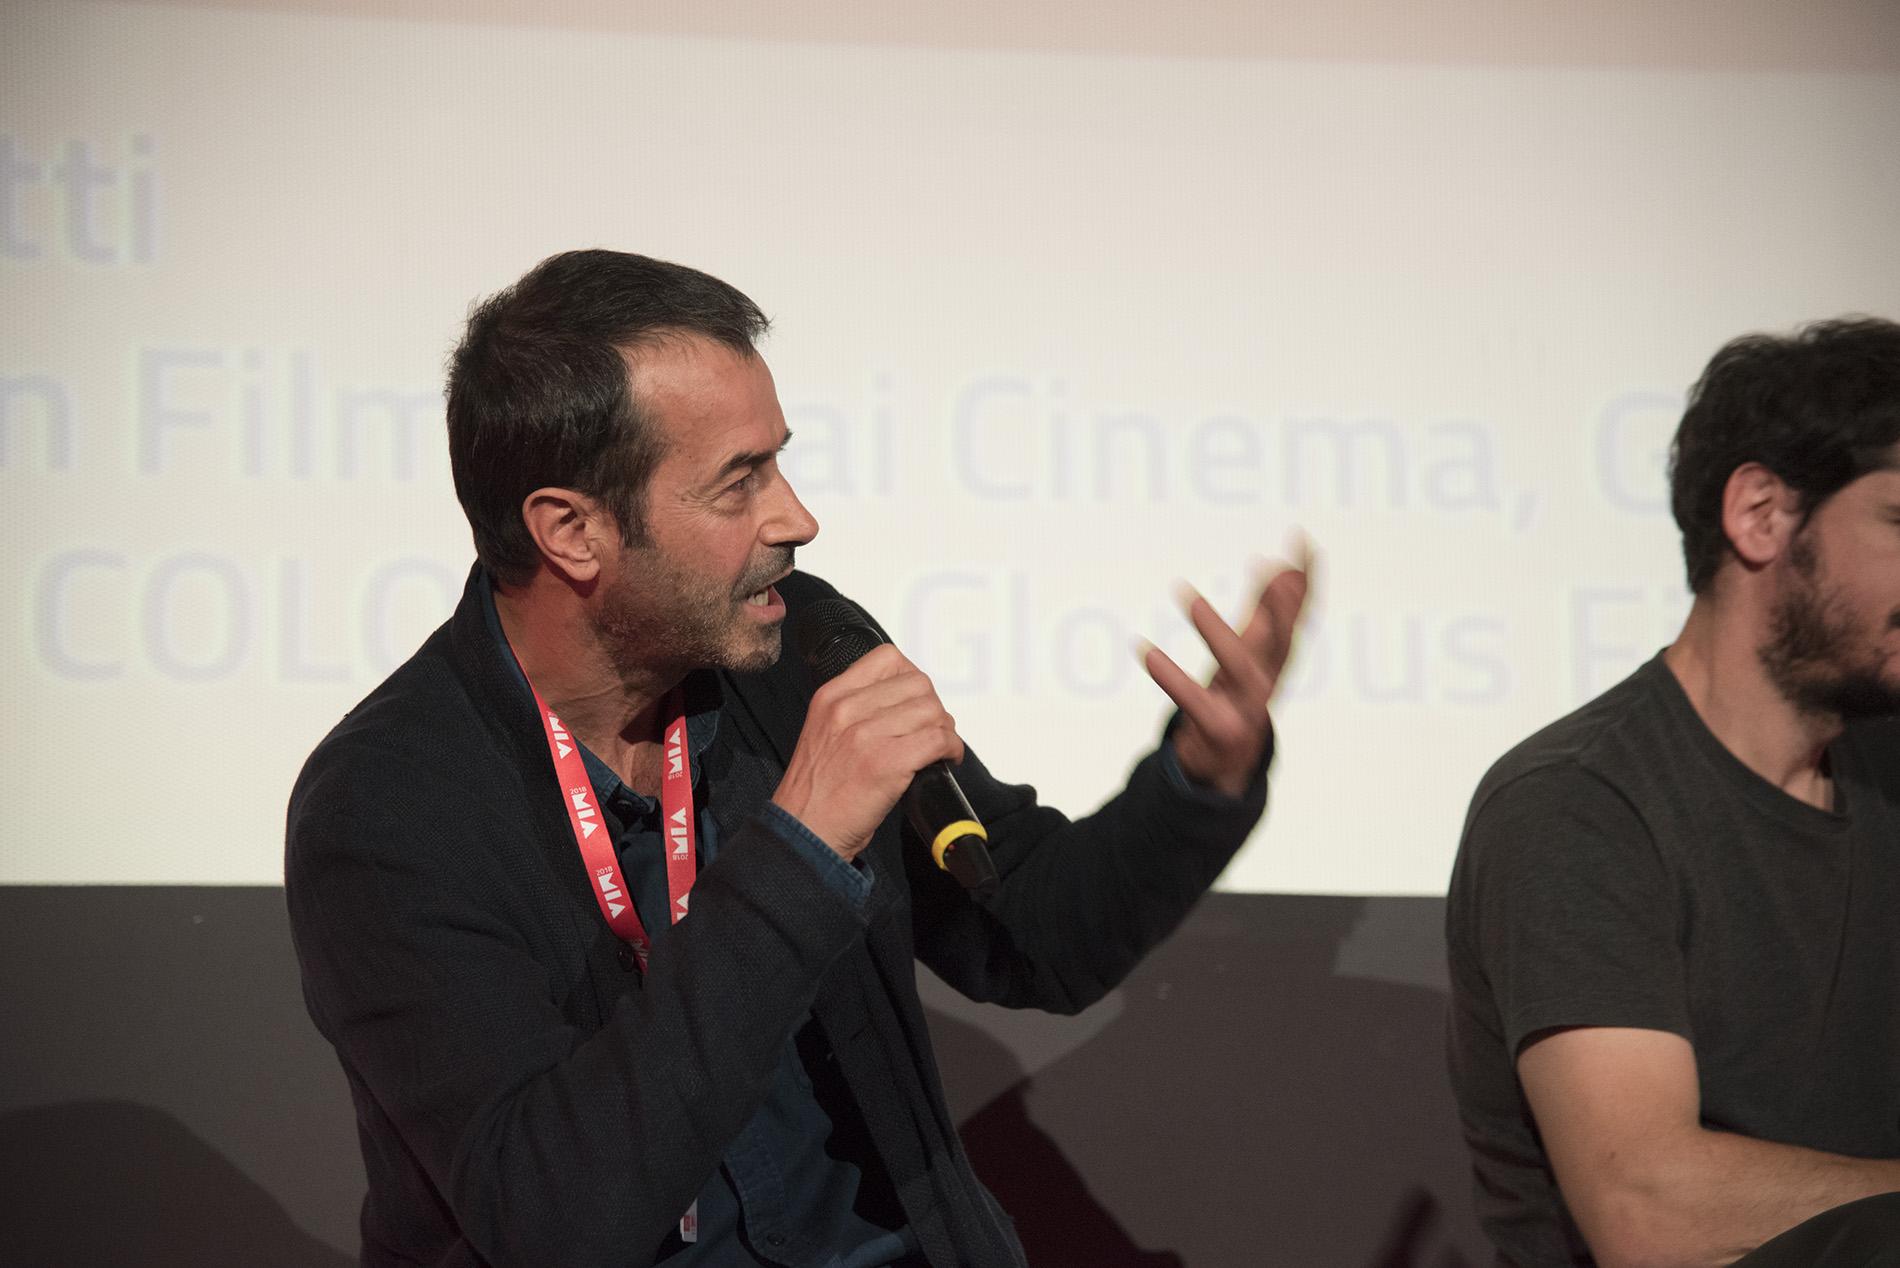 Andrea Occhipinti